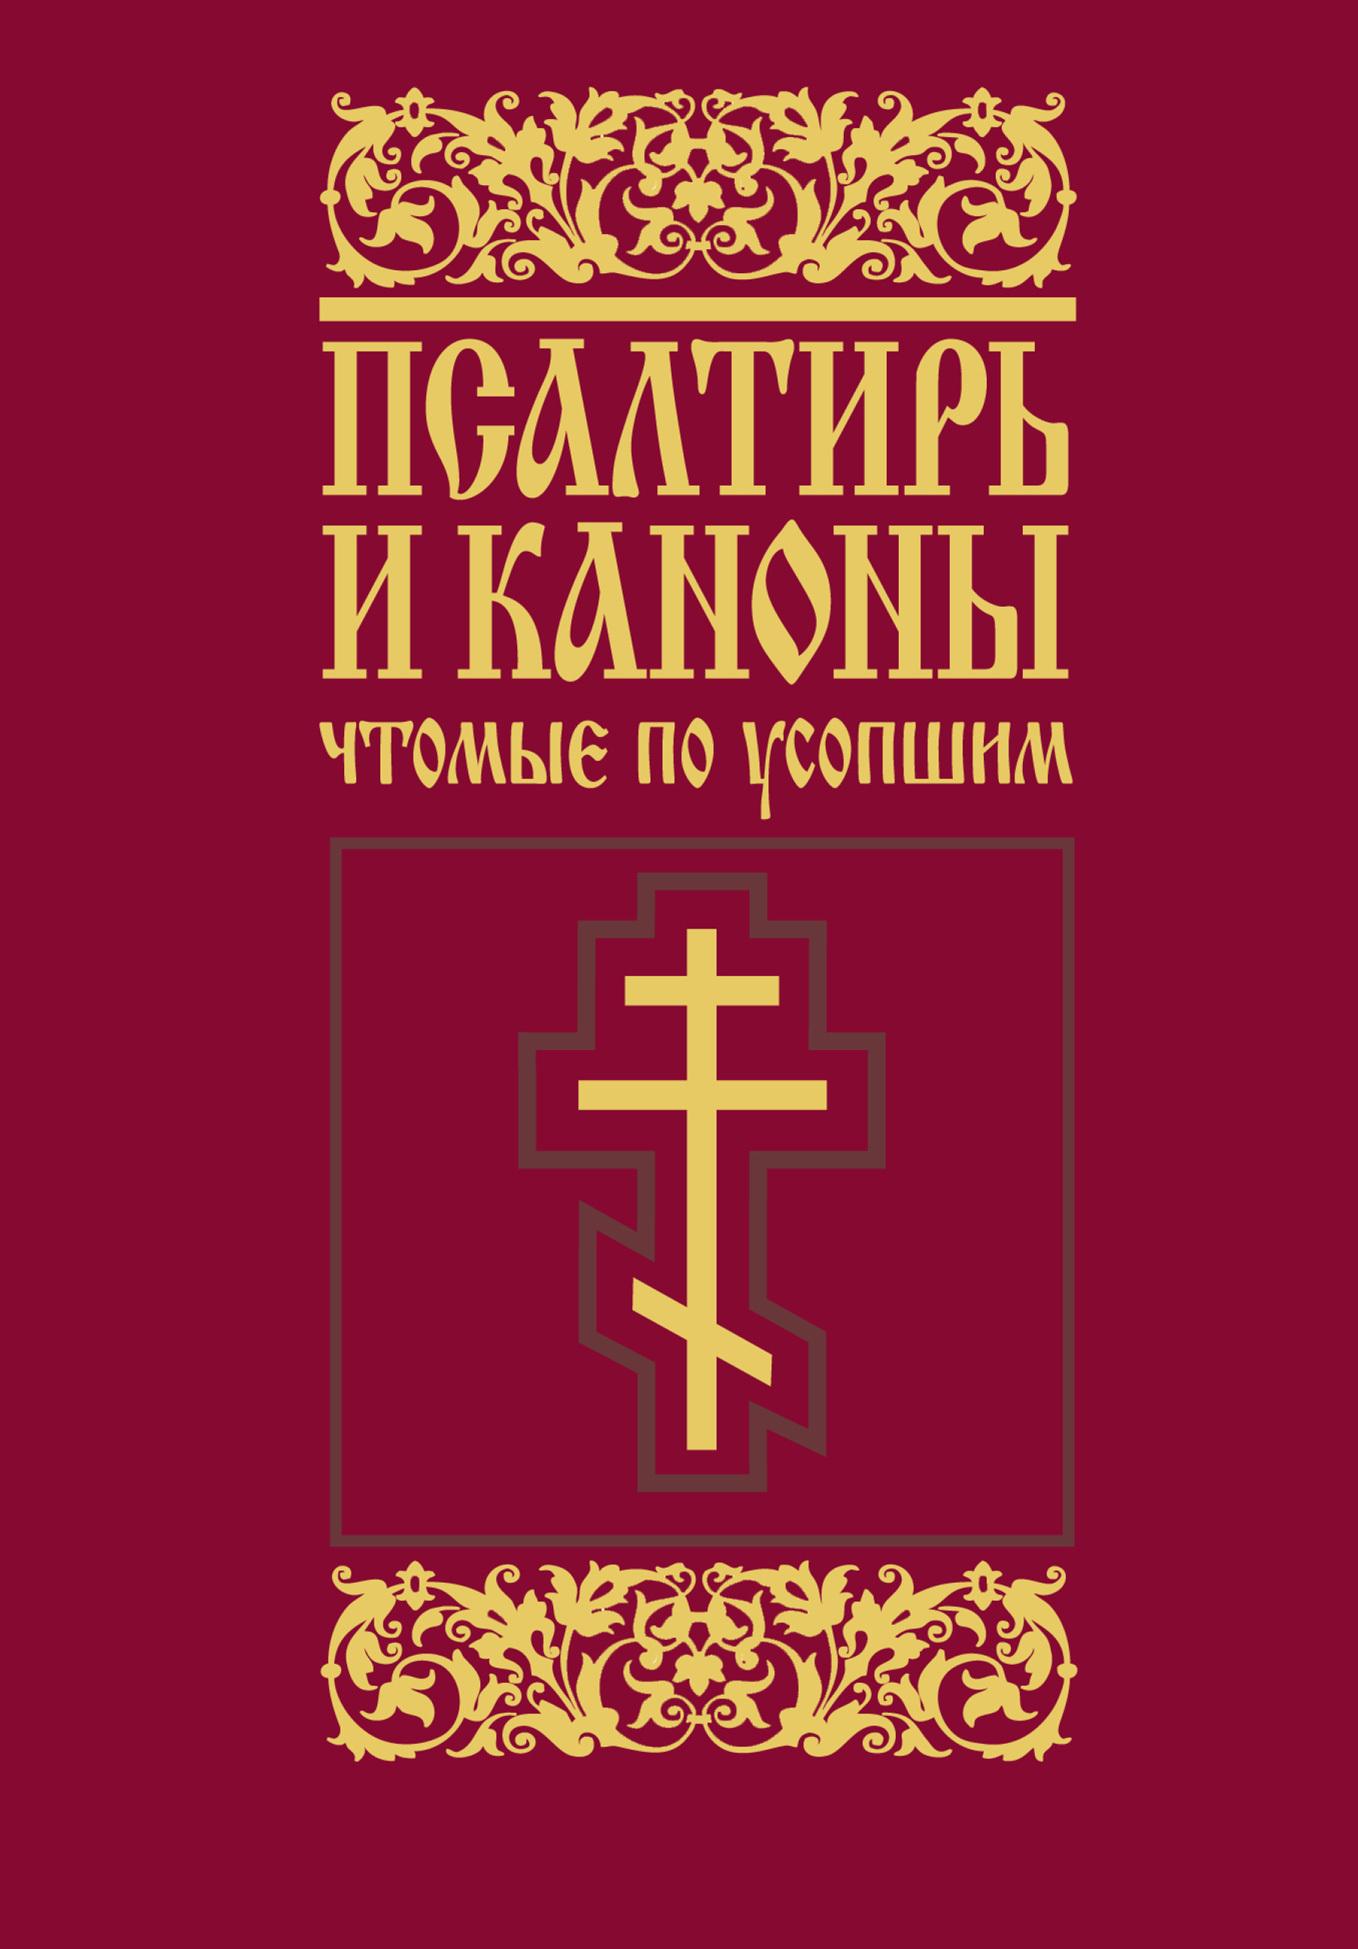 Сборник, Димитрий Николаев - Псалтирь и каноны, чтомые по усопшим